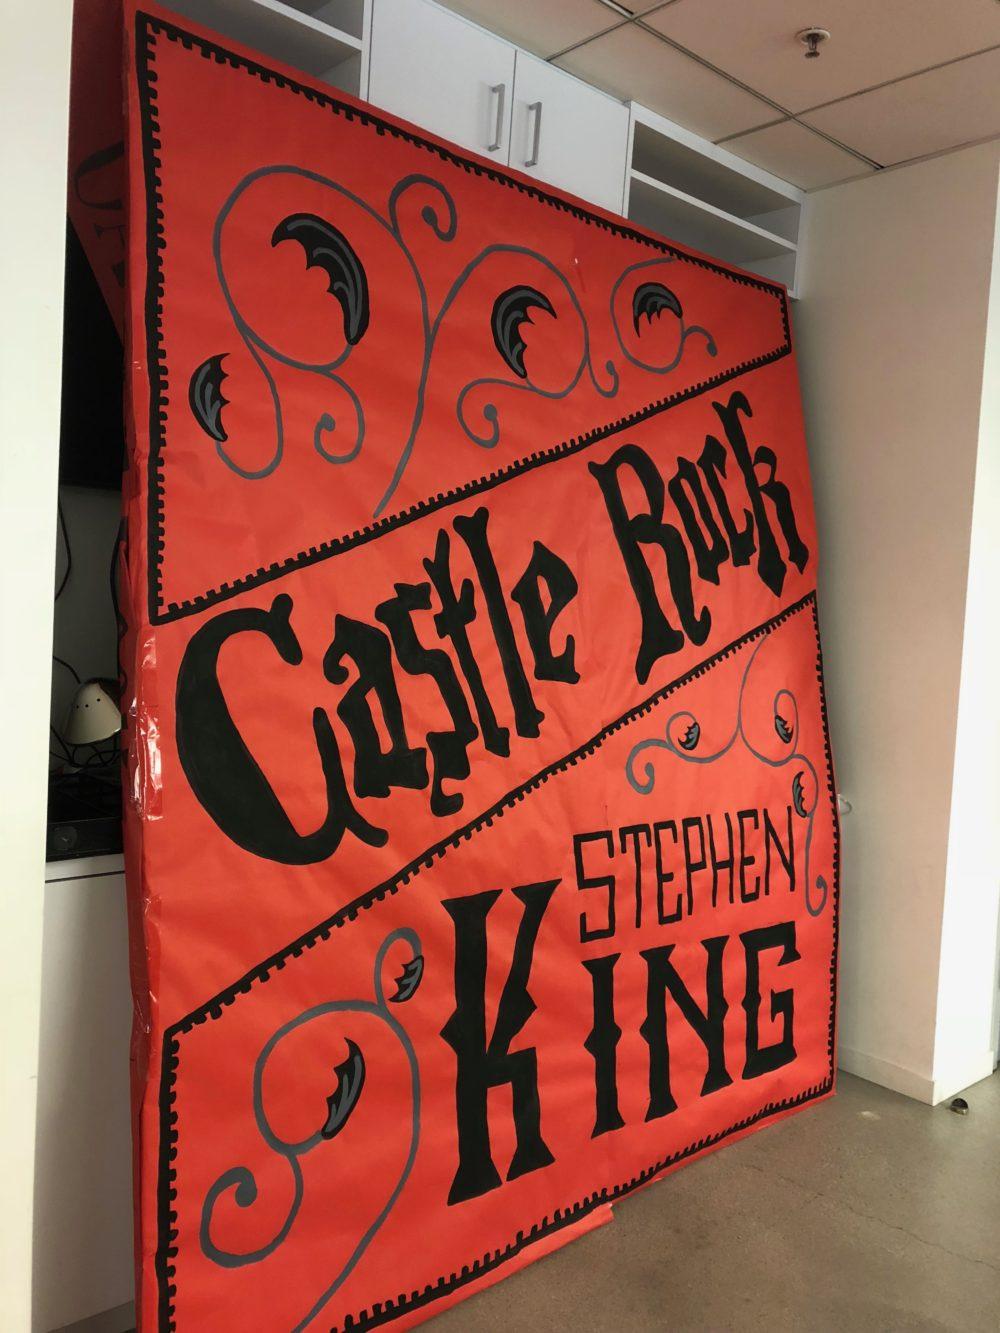 castle-rock-e1535744417535.jpg